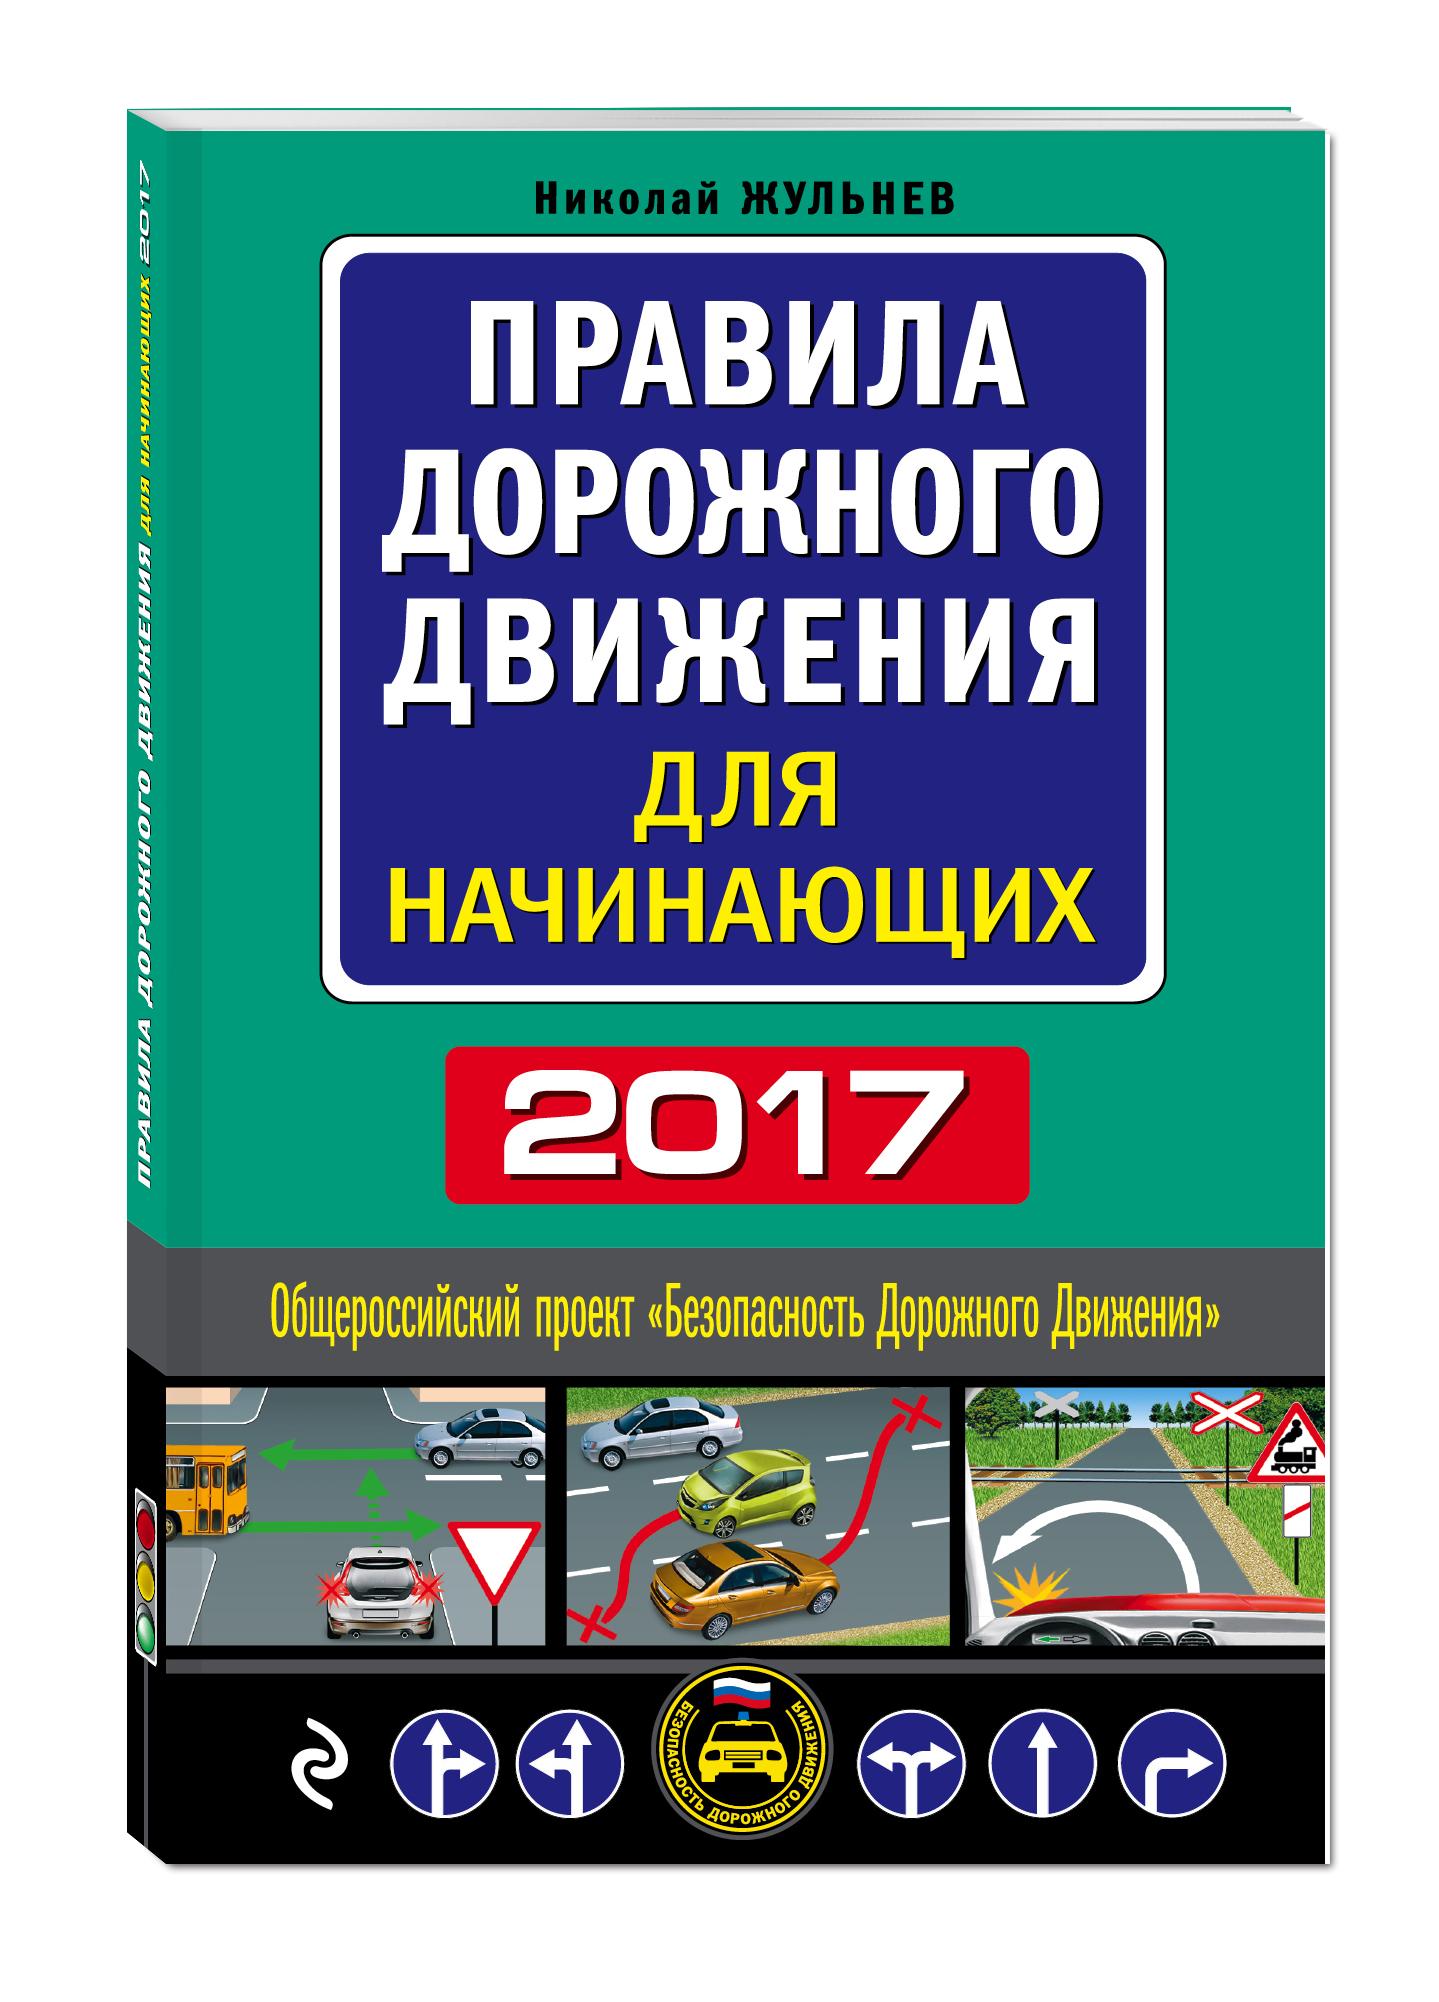 Жульнев Н. Правила дорожного движения для начинающих 2017 алексей приходько комментарии к правилам дорожного движения рф на 2015 год